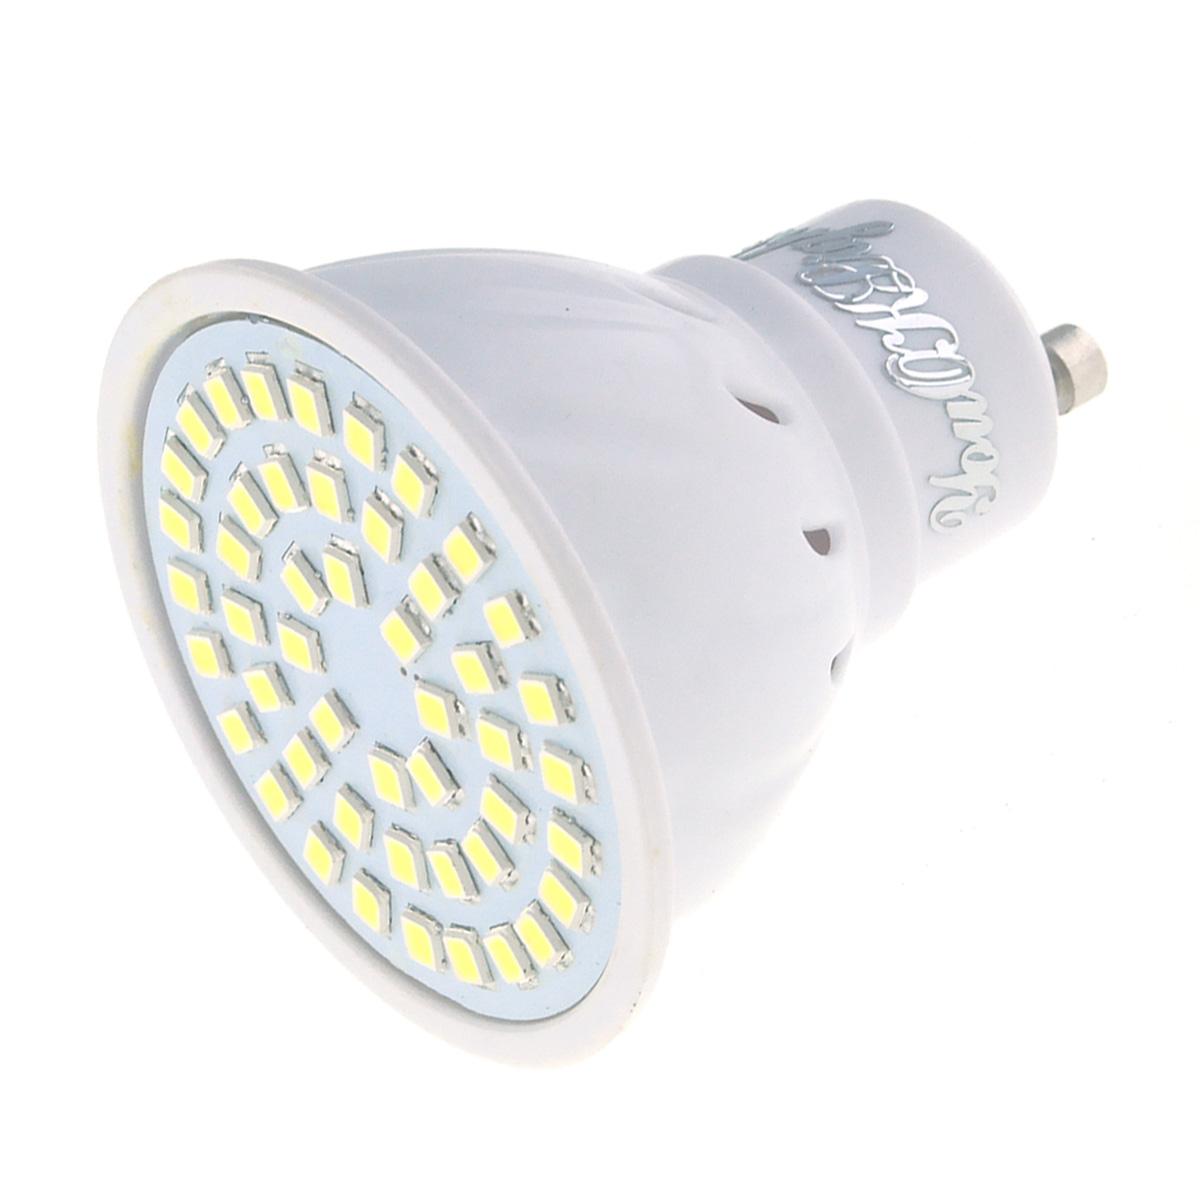 youoklight gu10 3w warm white